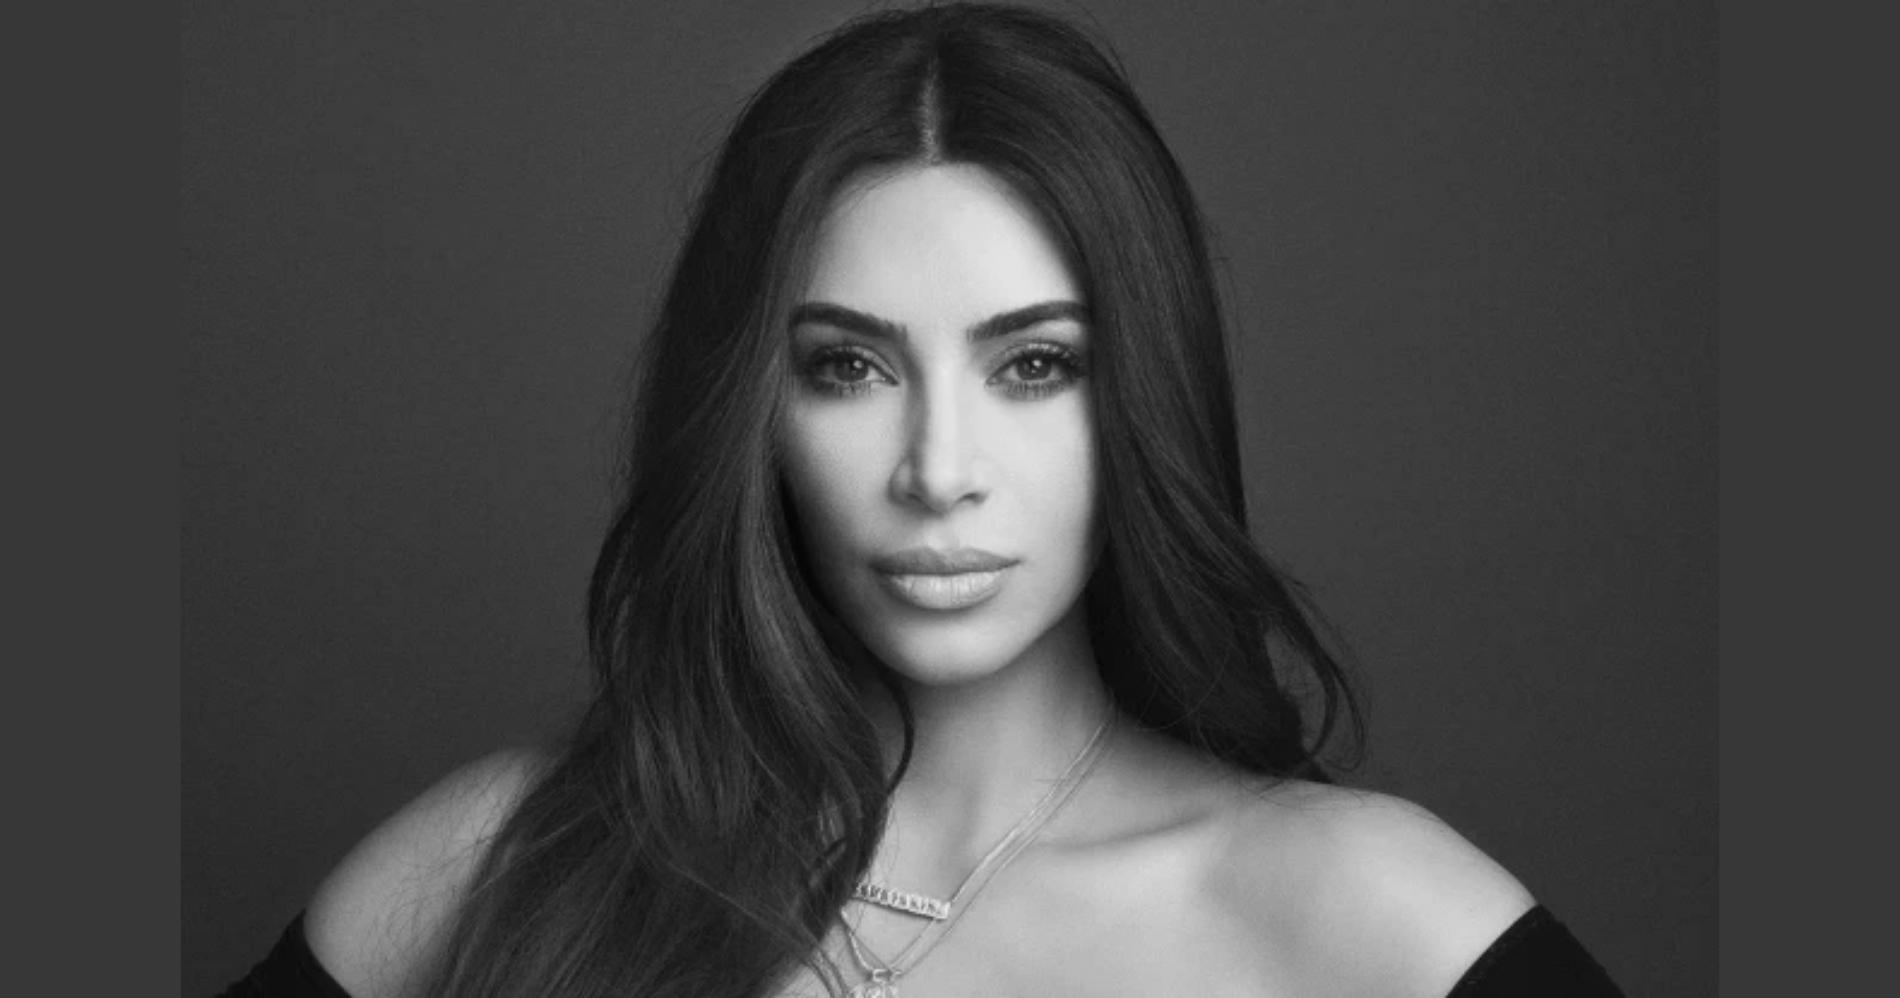 Kim Kardashian West Illustration Web Bisnis Muda - Google Images